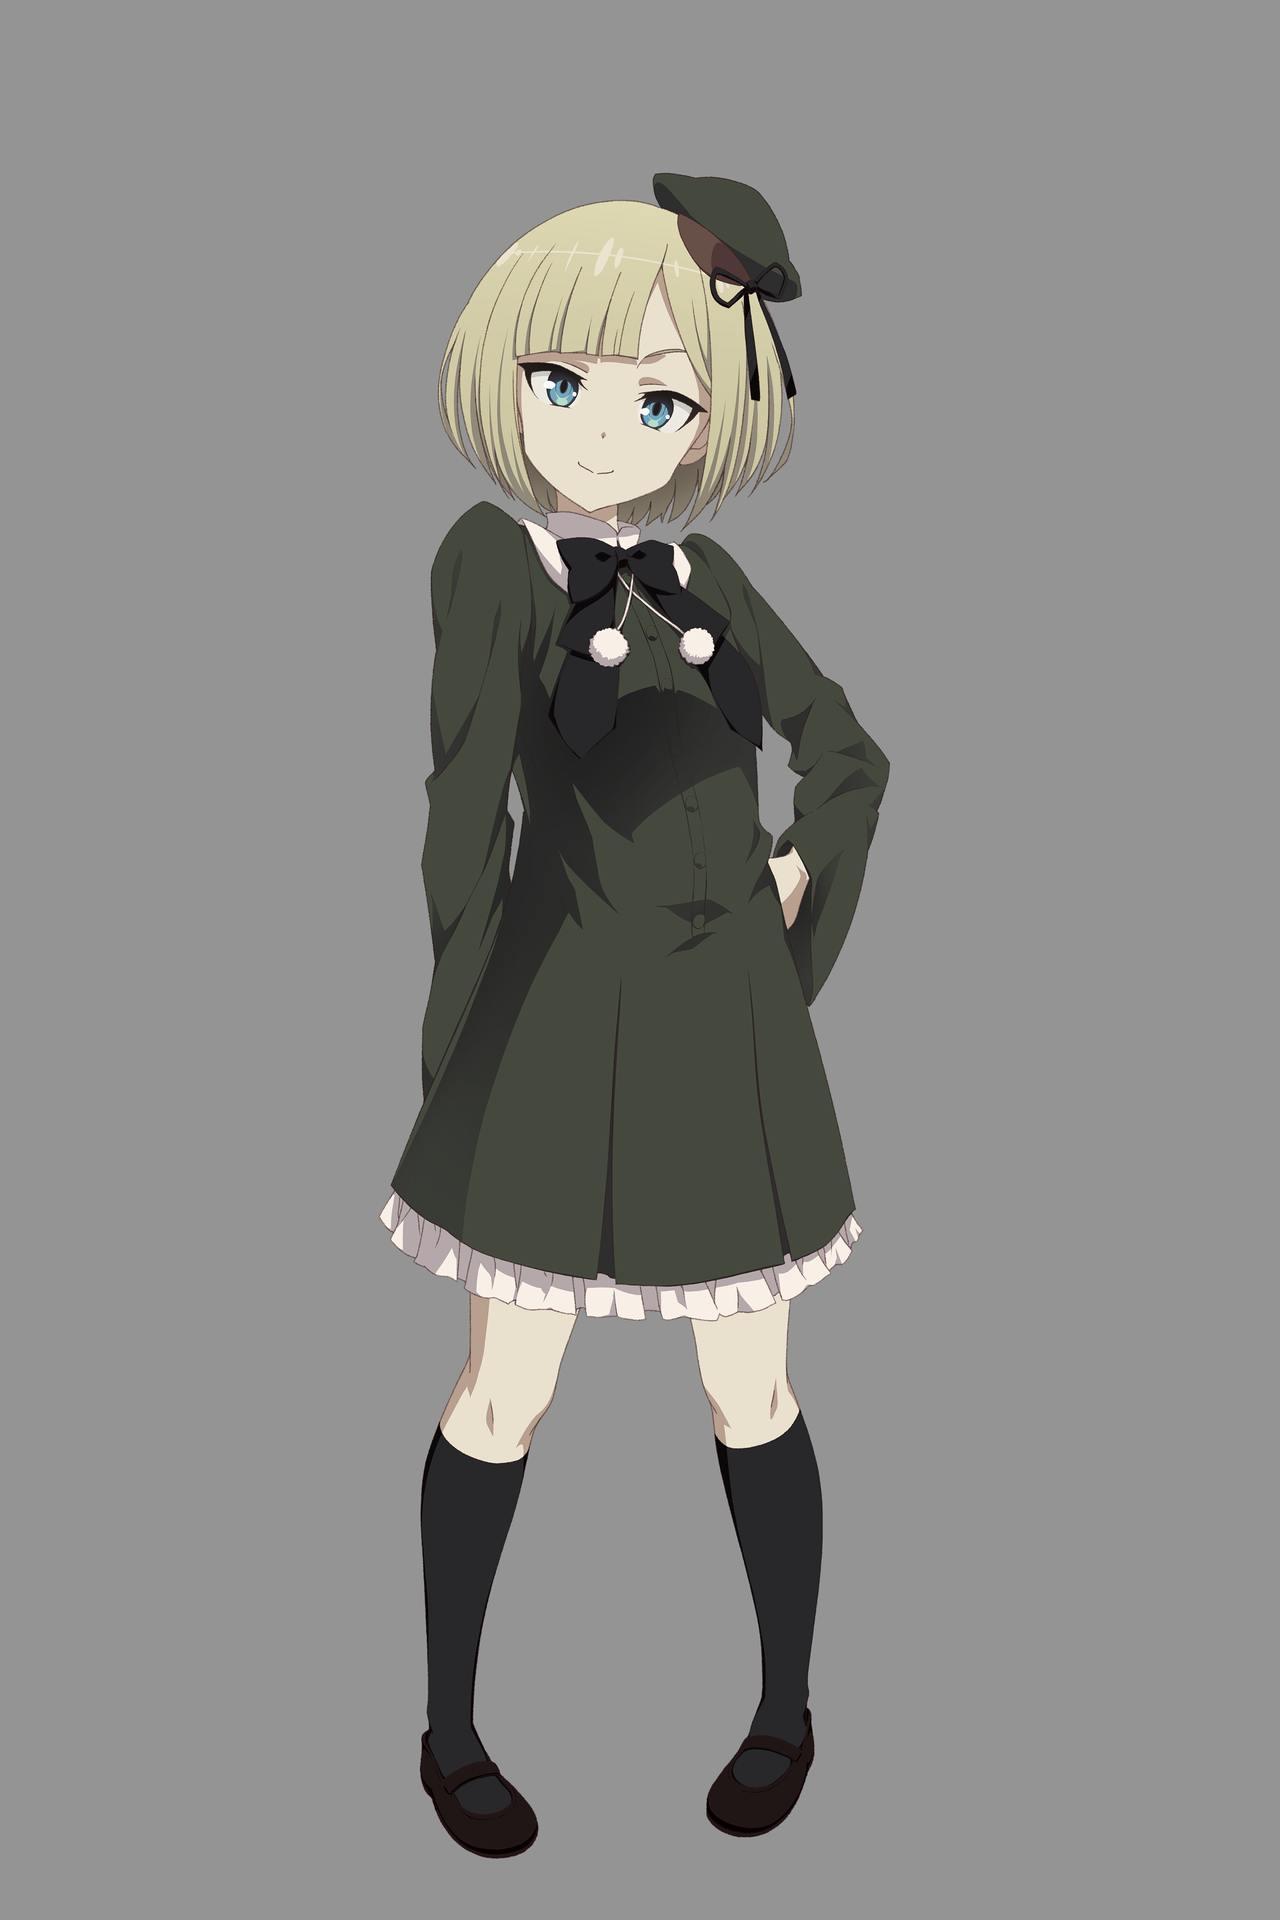 Dere Milli Shiny no Idol-tachi Ecchi na Illust Shuu + Omake 46